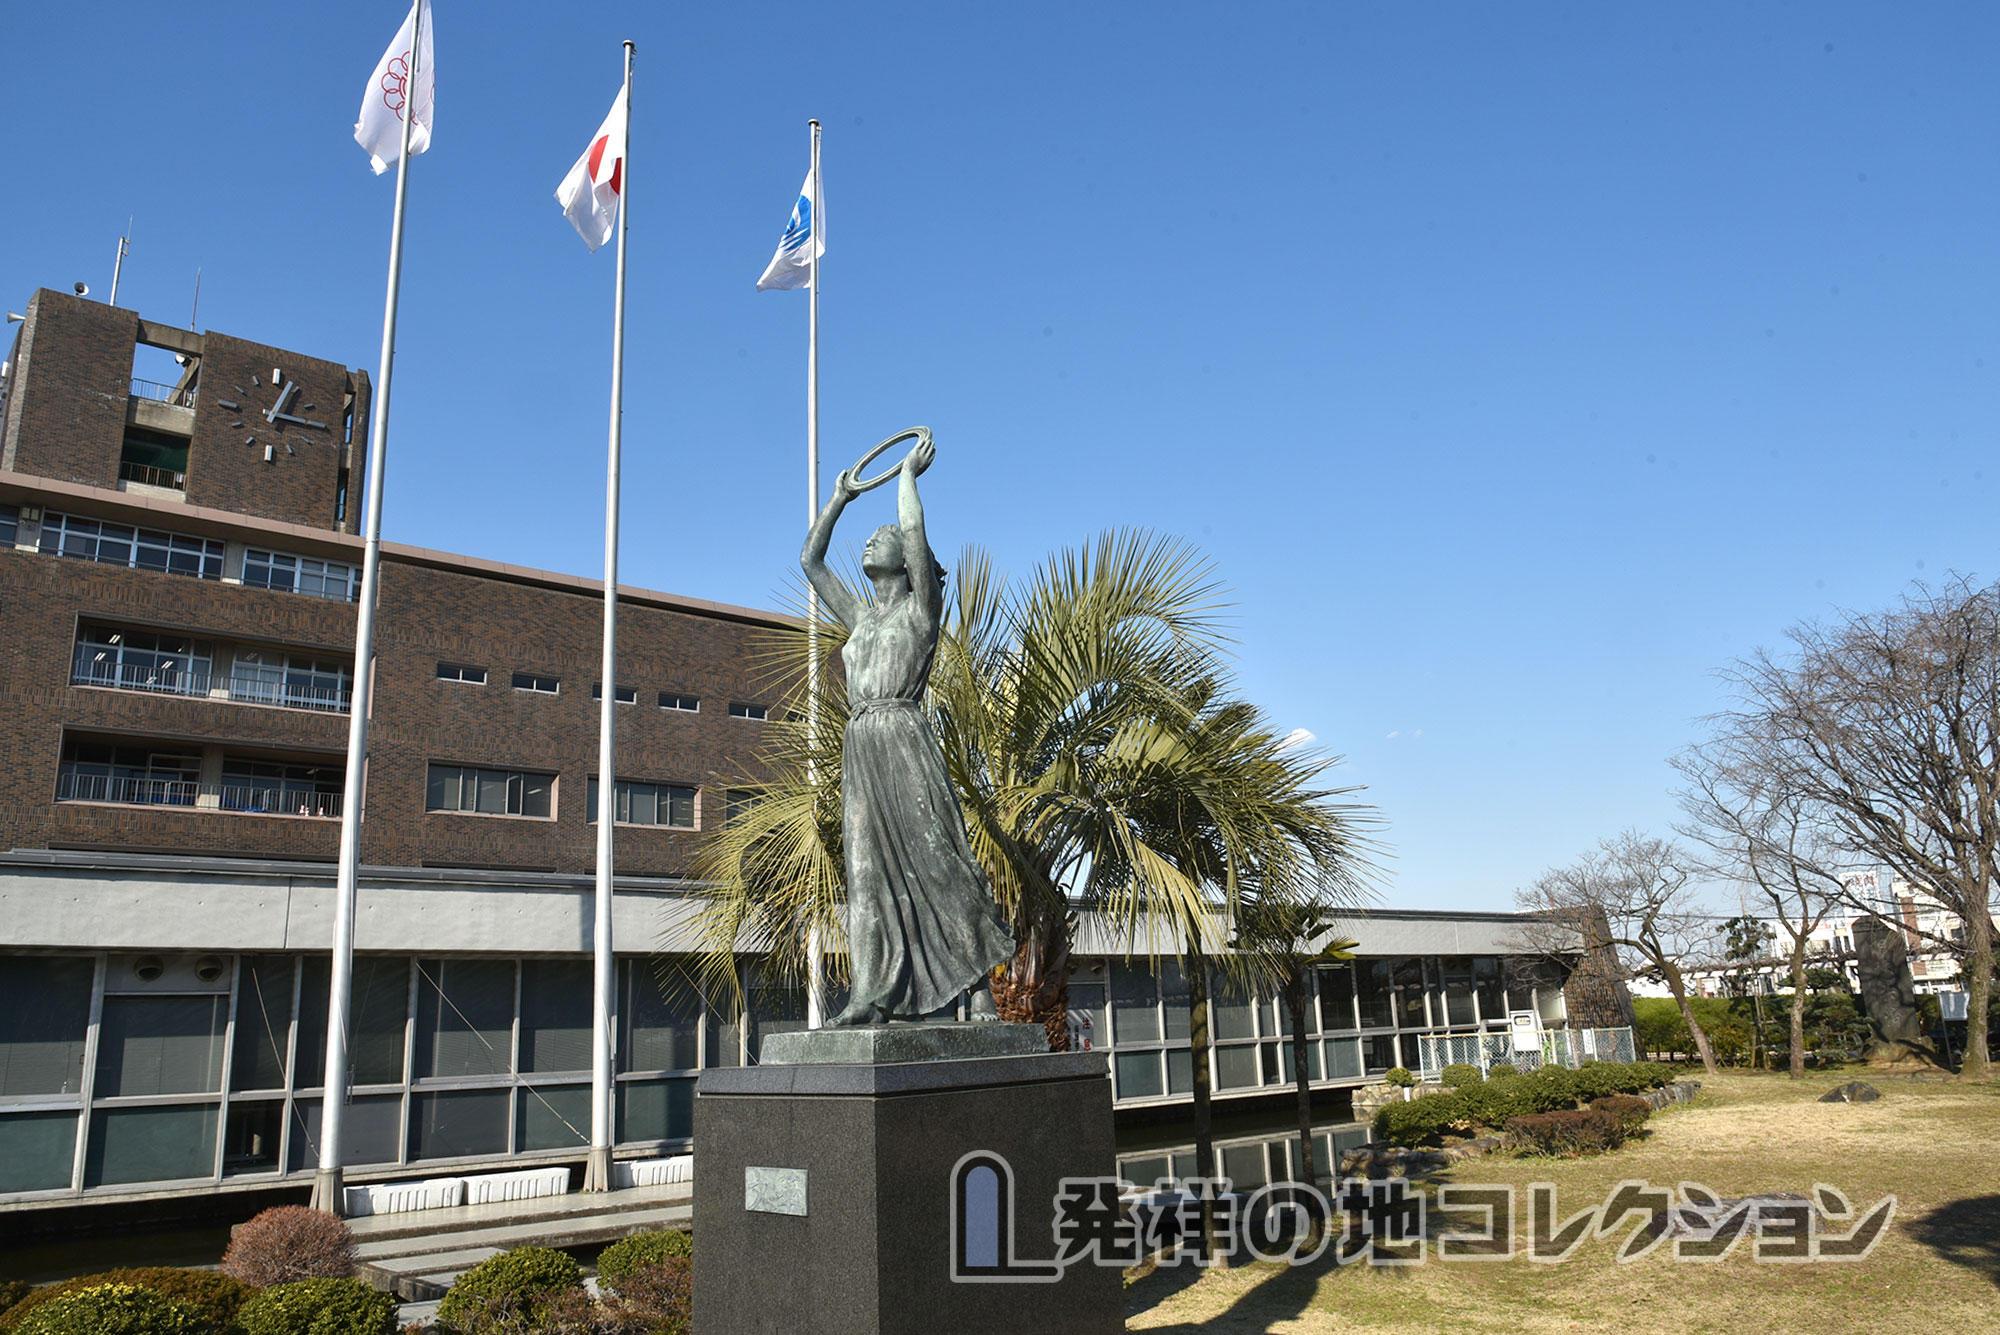 越ヶ谷市役所 南東側 文華像